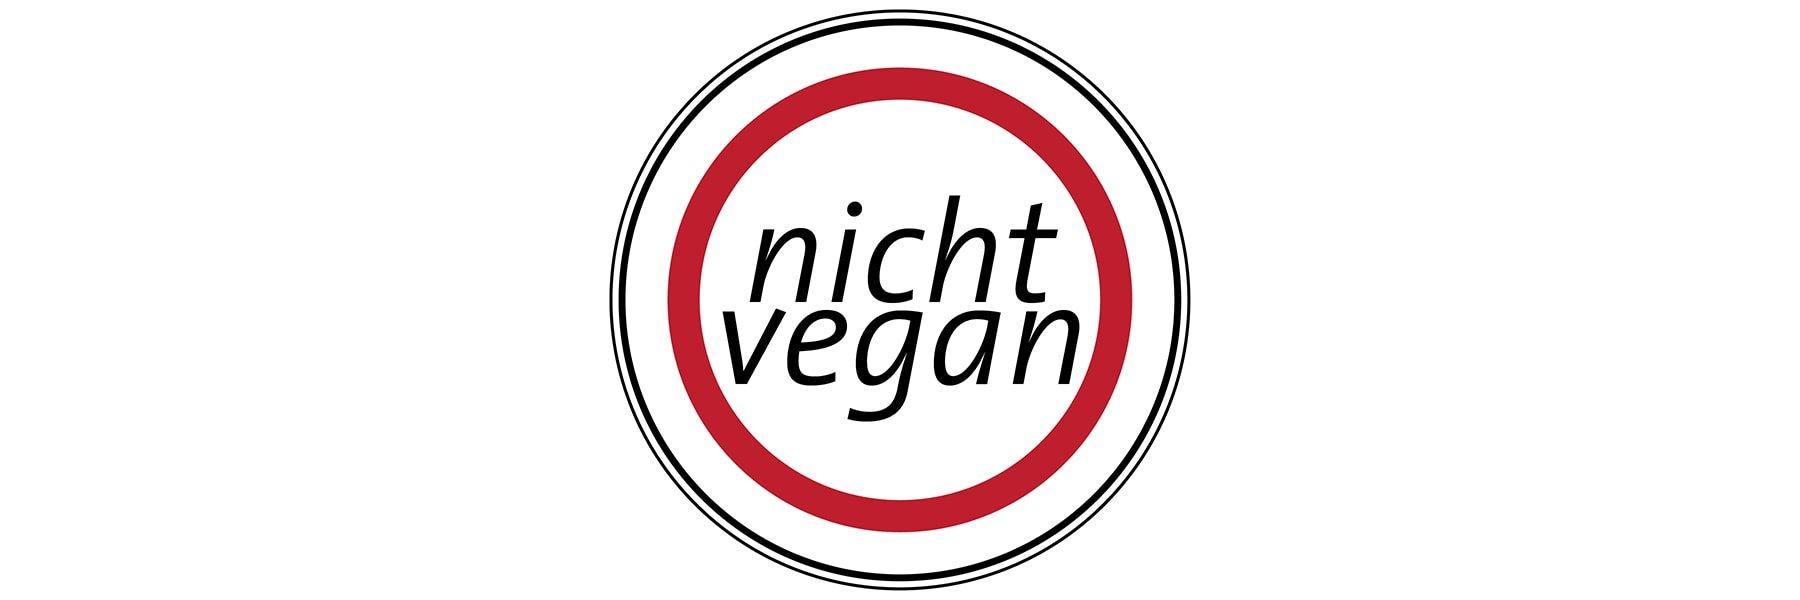 Nicht vegan - Liste unserer Produkte mit Zutaten tierischer Herkunft